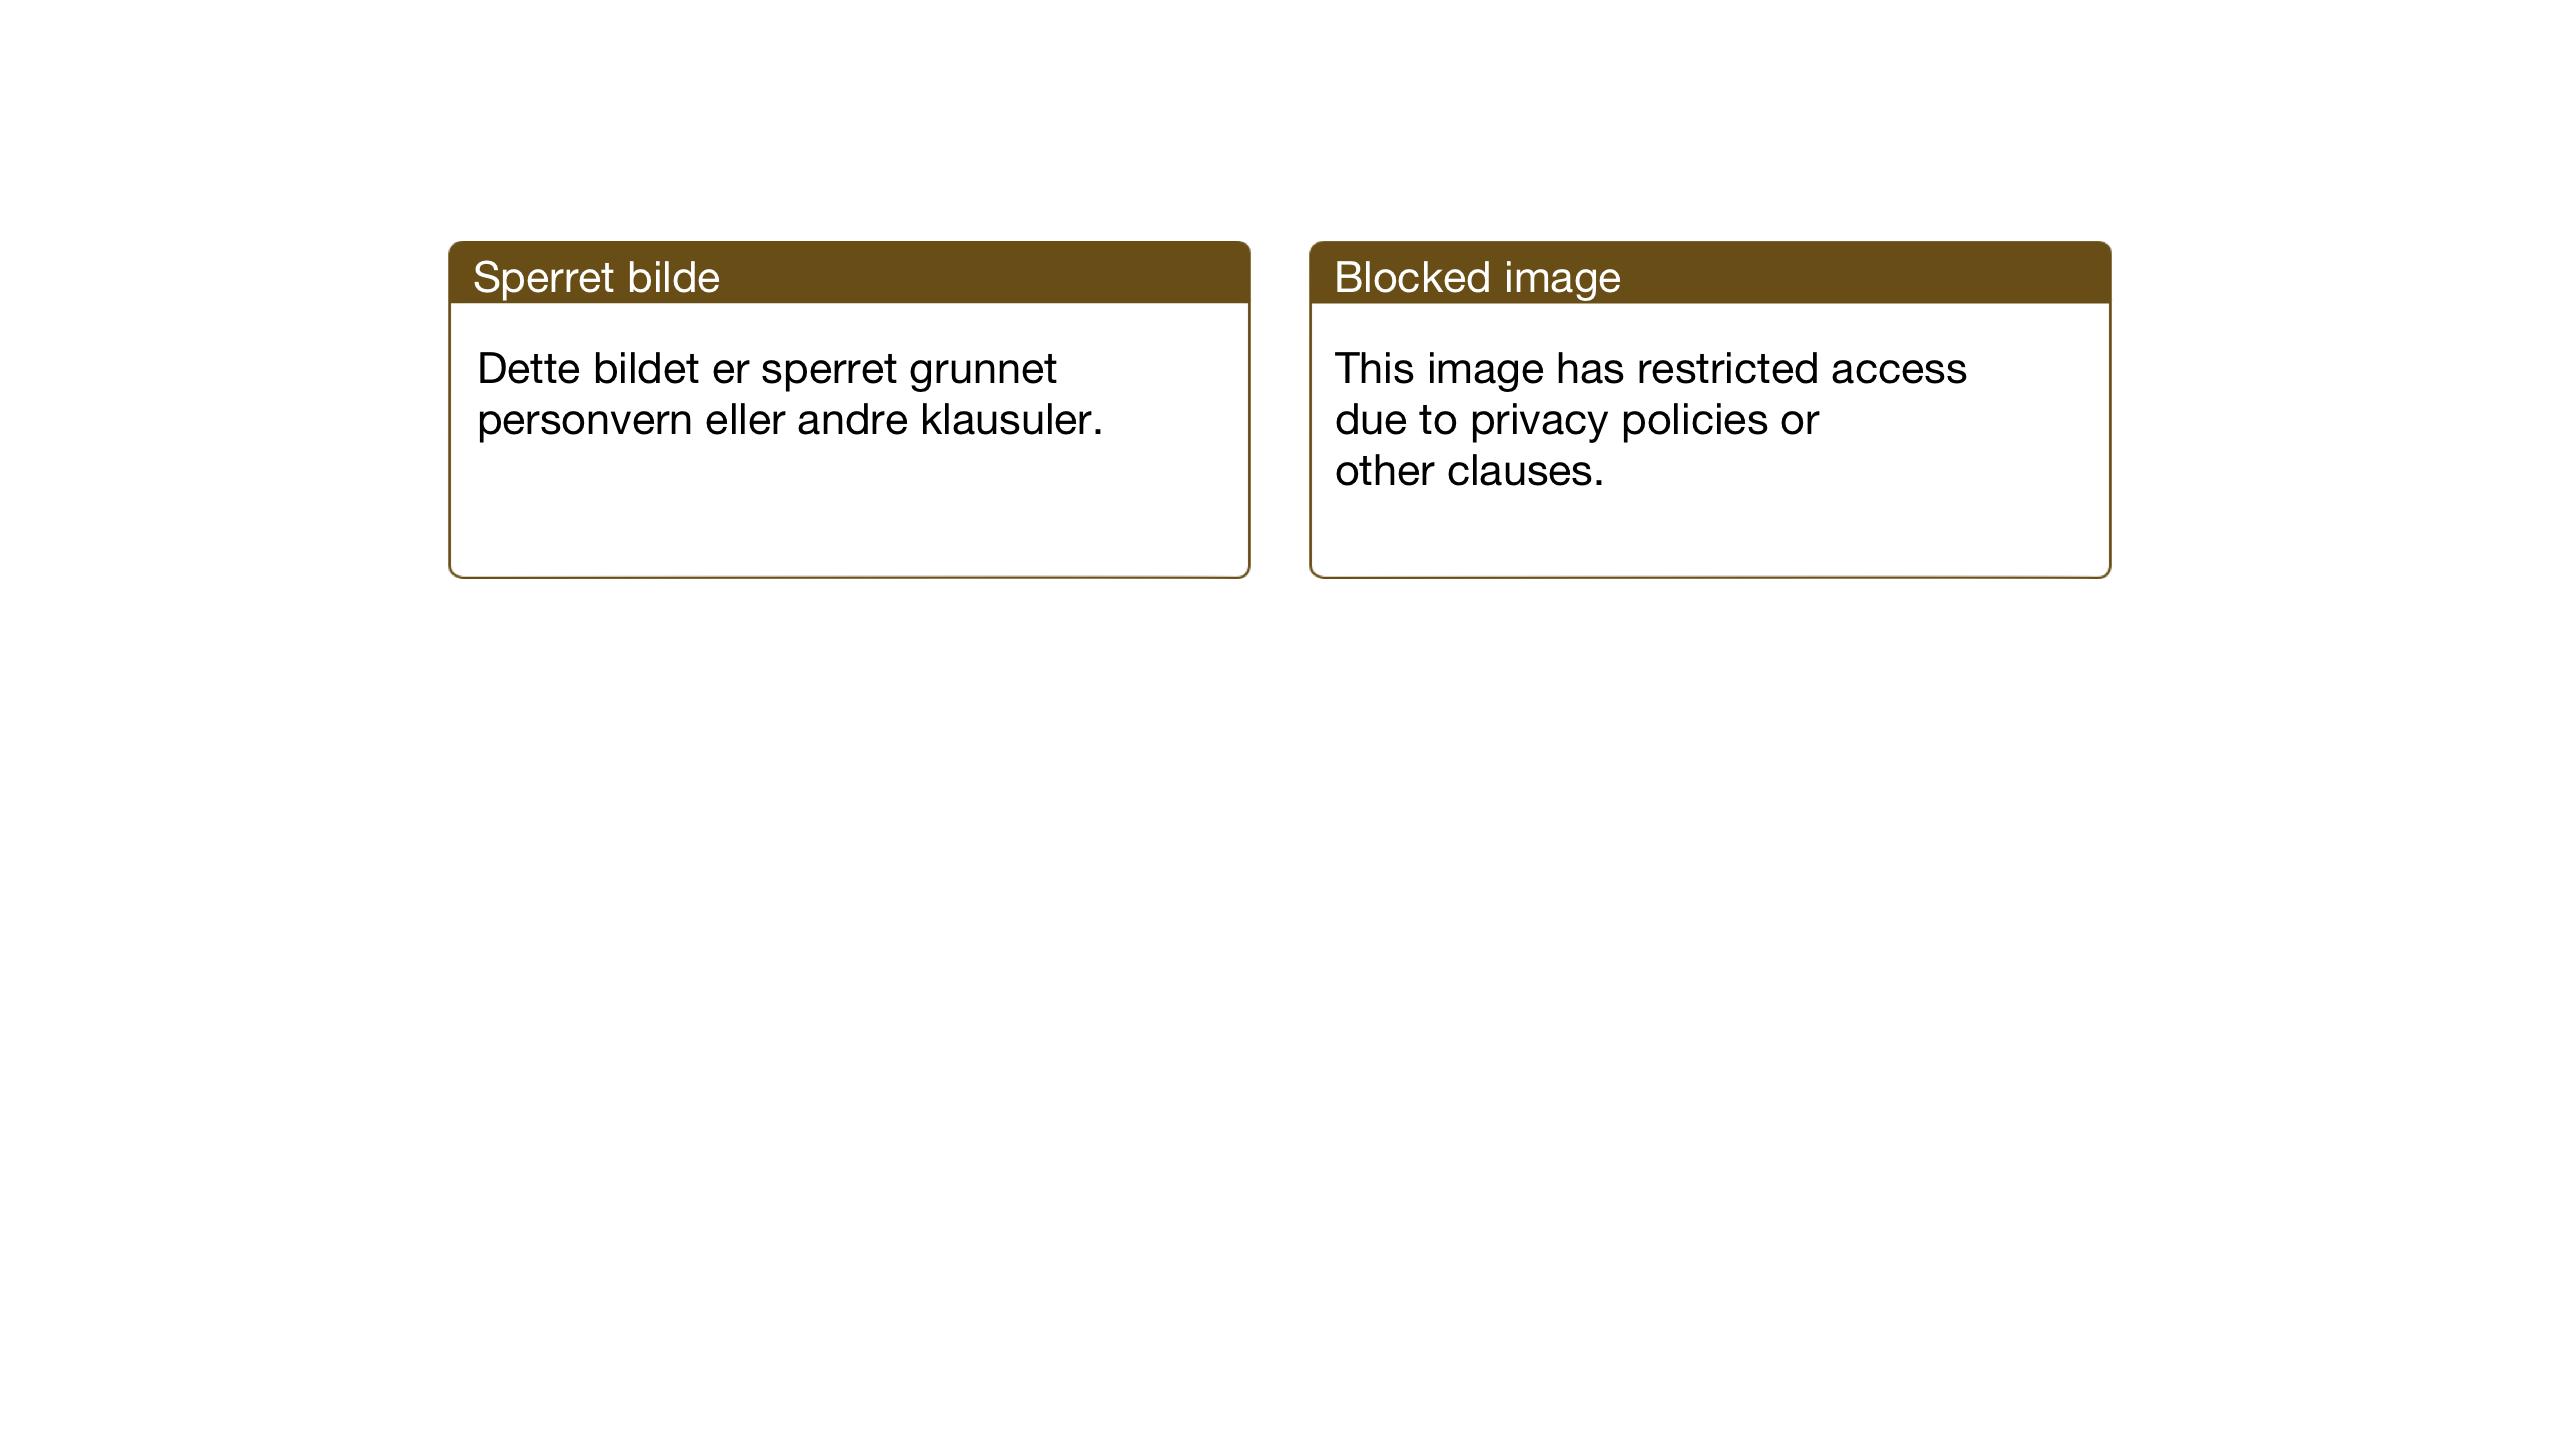 SAT, Ministerialprotokoller, klokkerbøker og fødselsregistre - Sør-Trøndelag, 698/L1169: Klokkerbok nr. 698C06, 1930-1949, s. 139